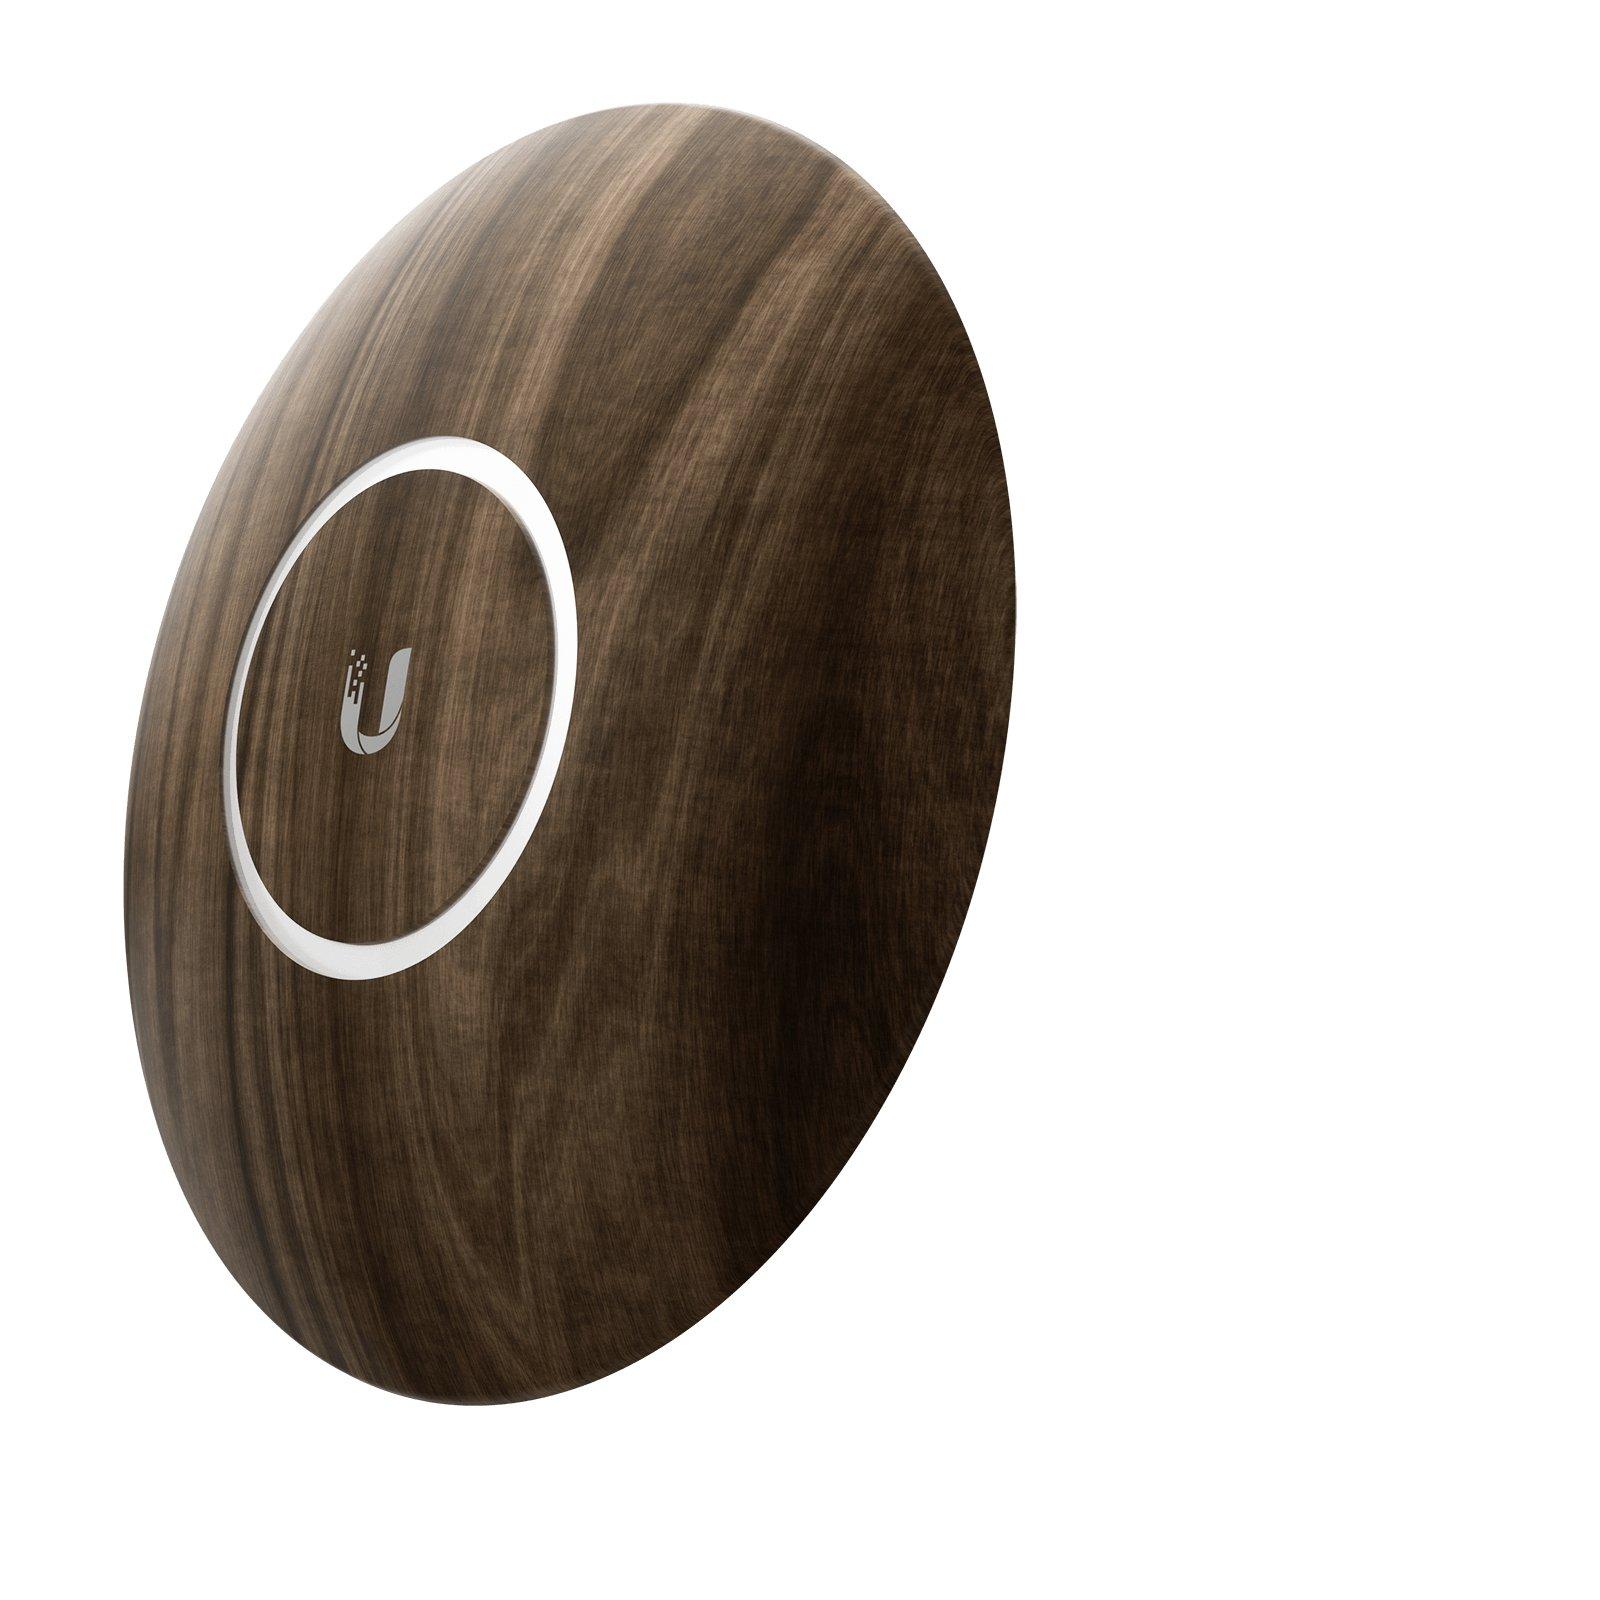 nHD-cover-Wood-3 Photo#1